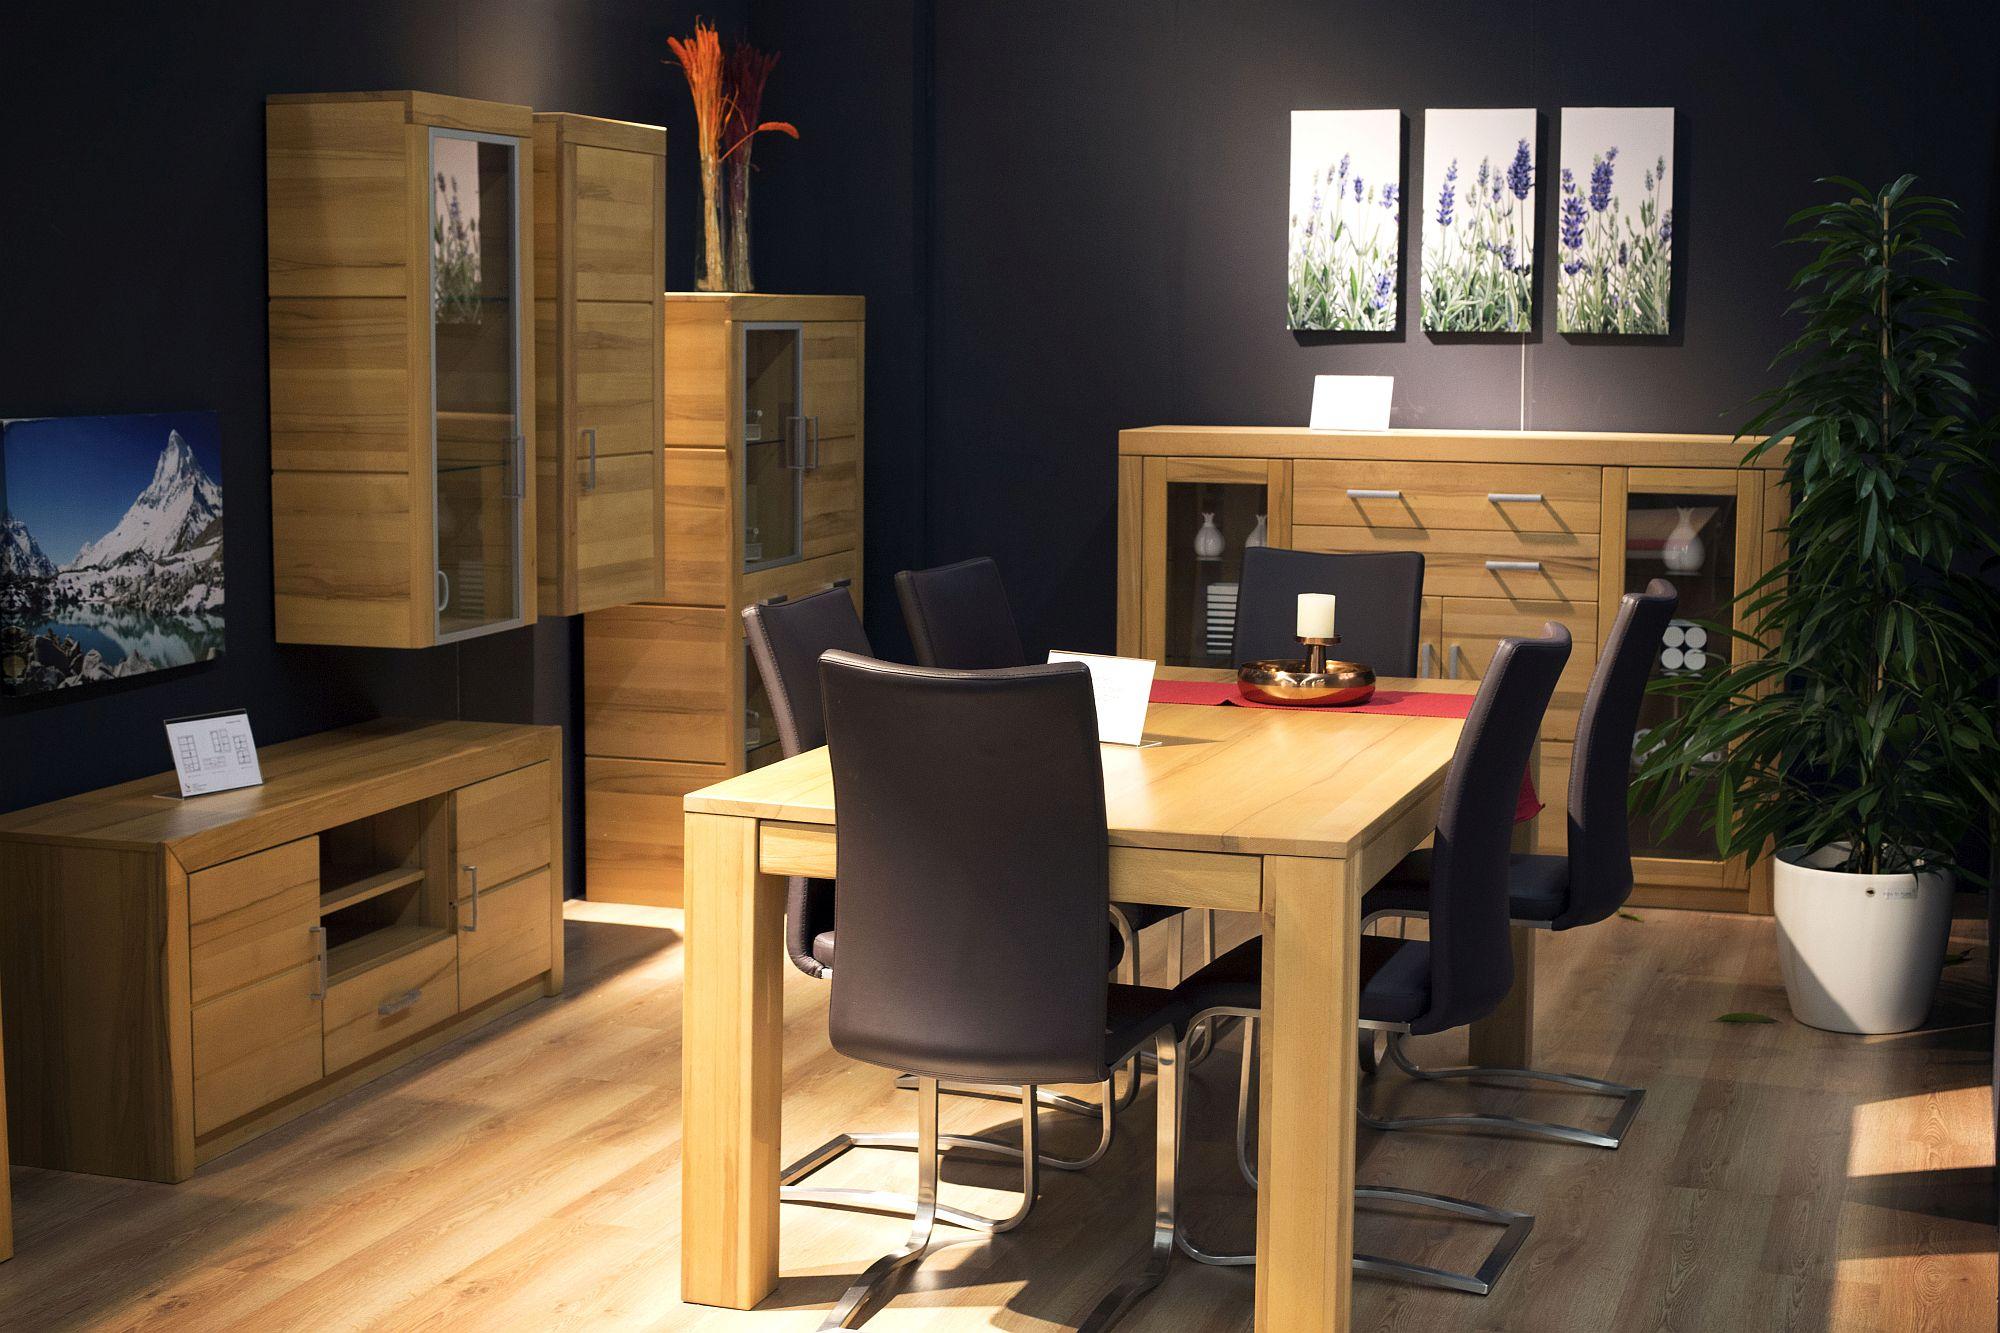 Perabot kayu dengan fungsi jimat ruang